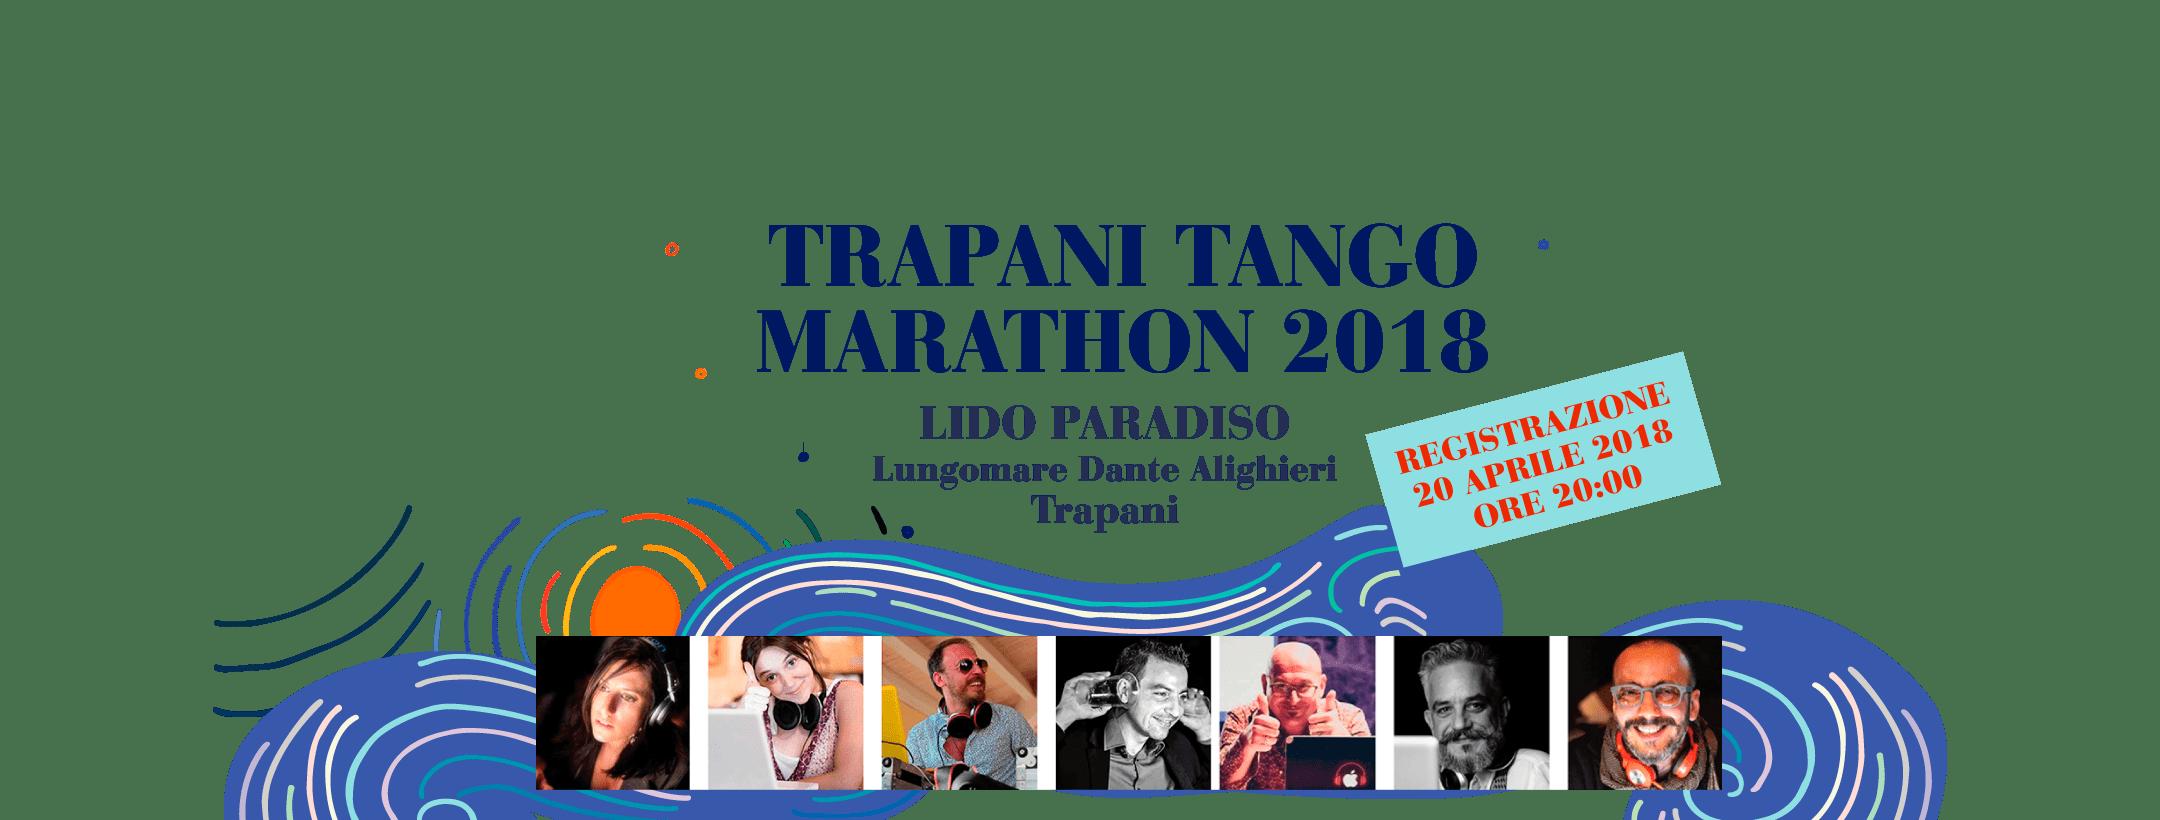 Trapani Tango Marathon